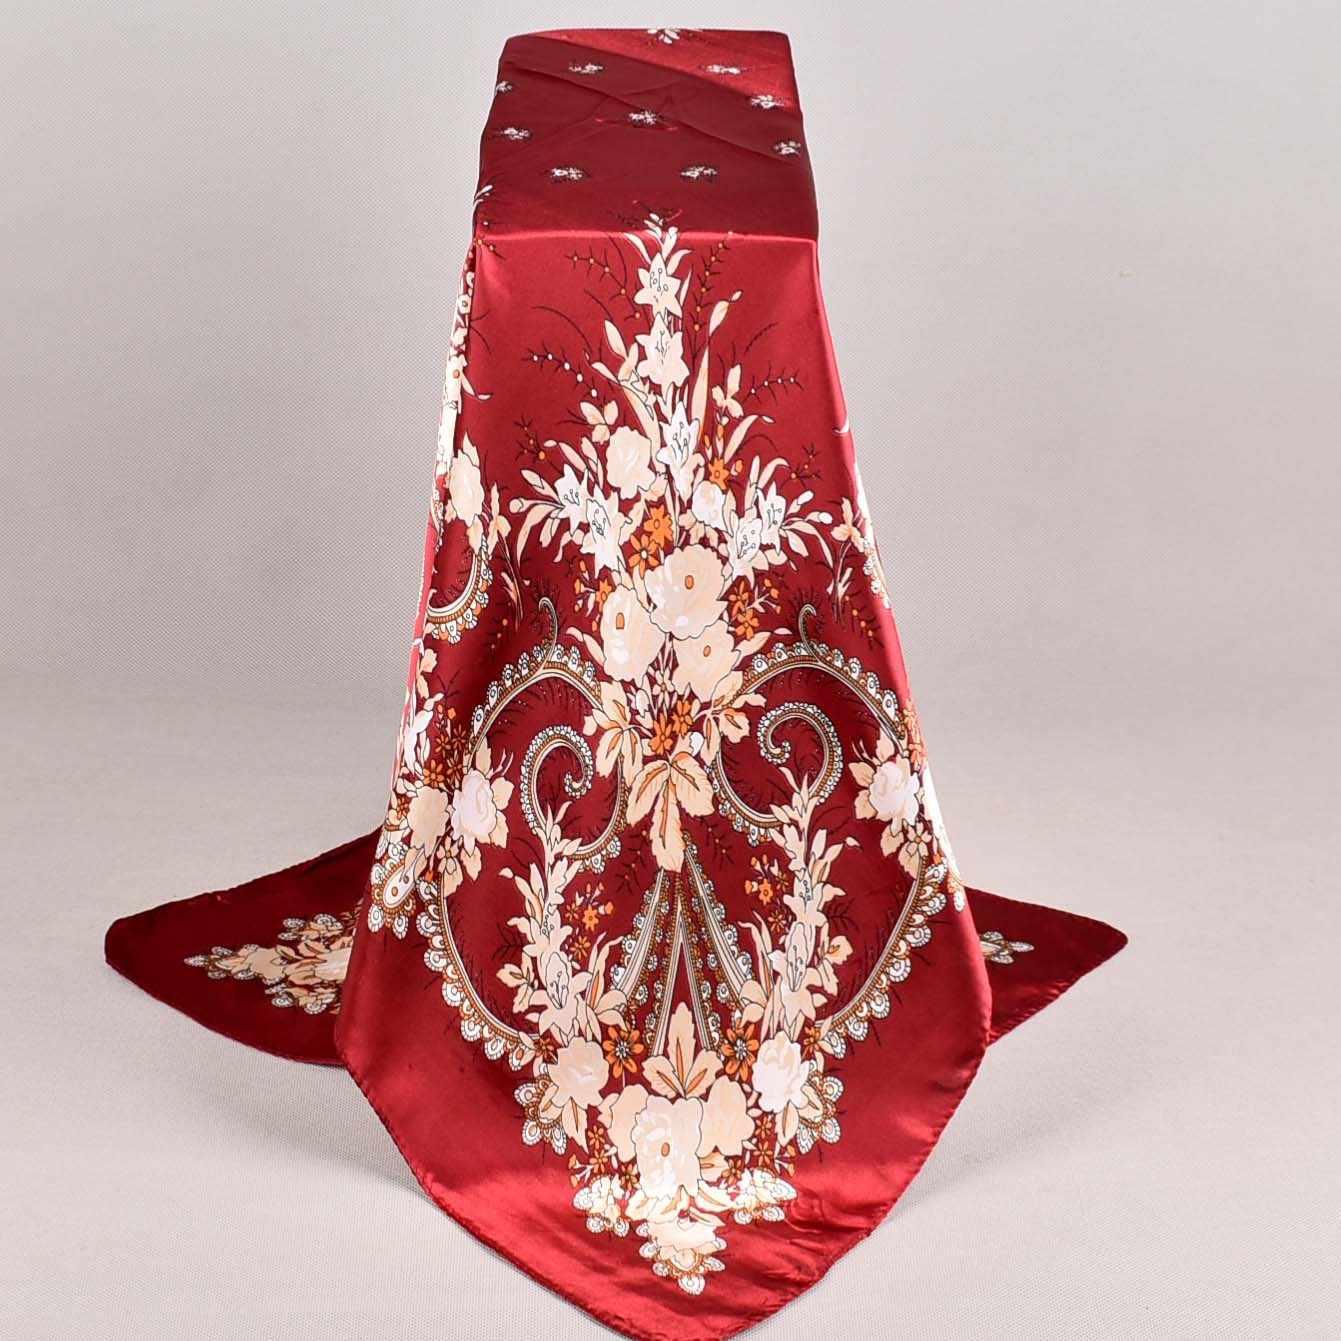 Rosso Sciarpa di Seta di 2019 Sciarpa Delle Donne, Stile Della Cina Raso Piazza Grande Sciarpa Stampata, ladies 'Marca Rayon Sciarpa di Seta, scialle di Modo 90*90cm